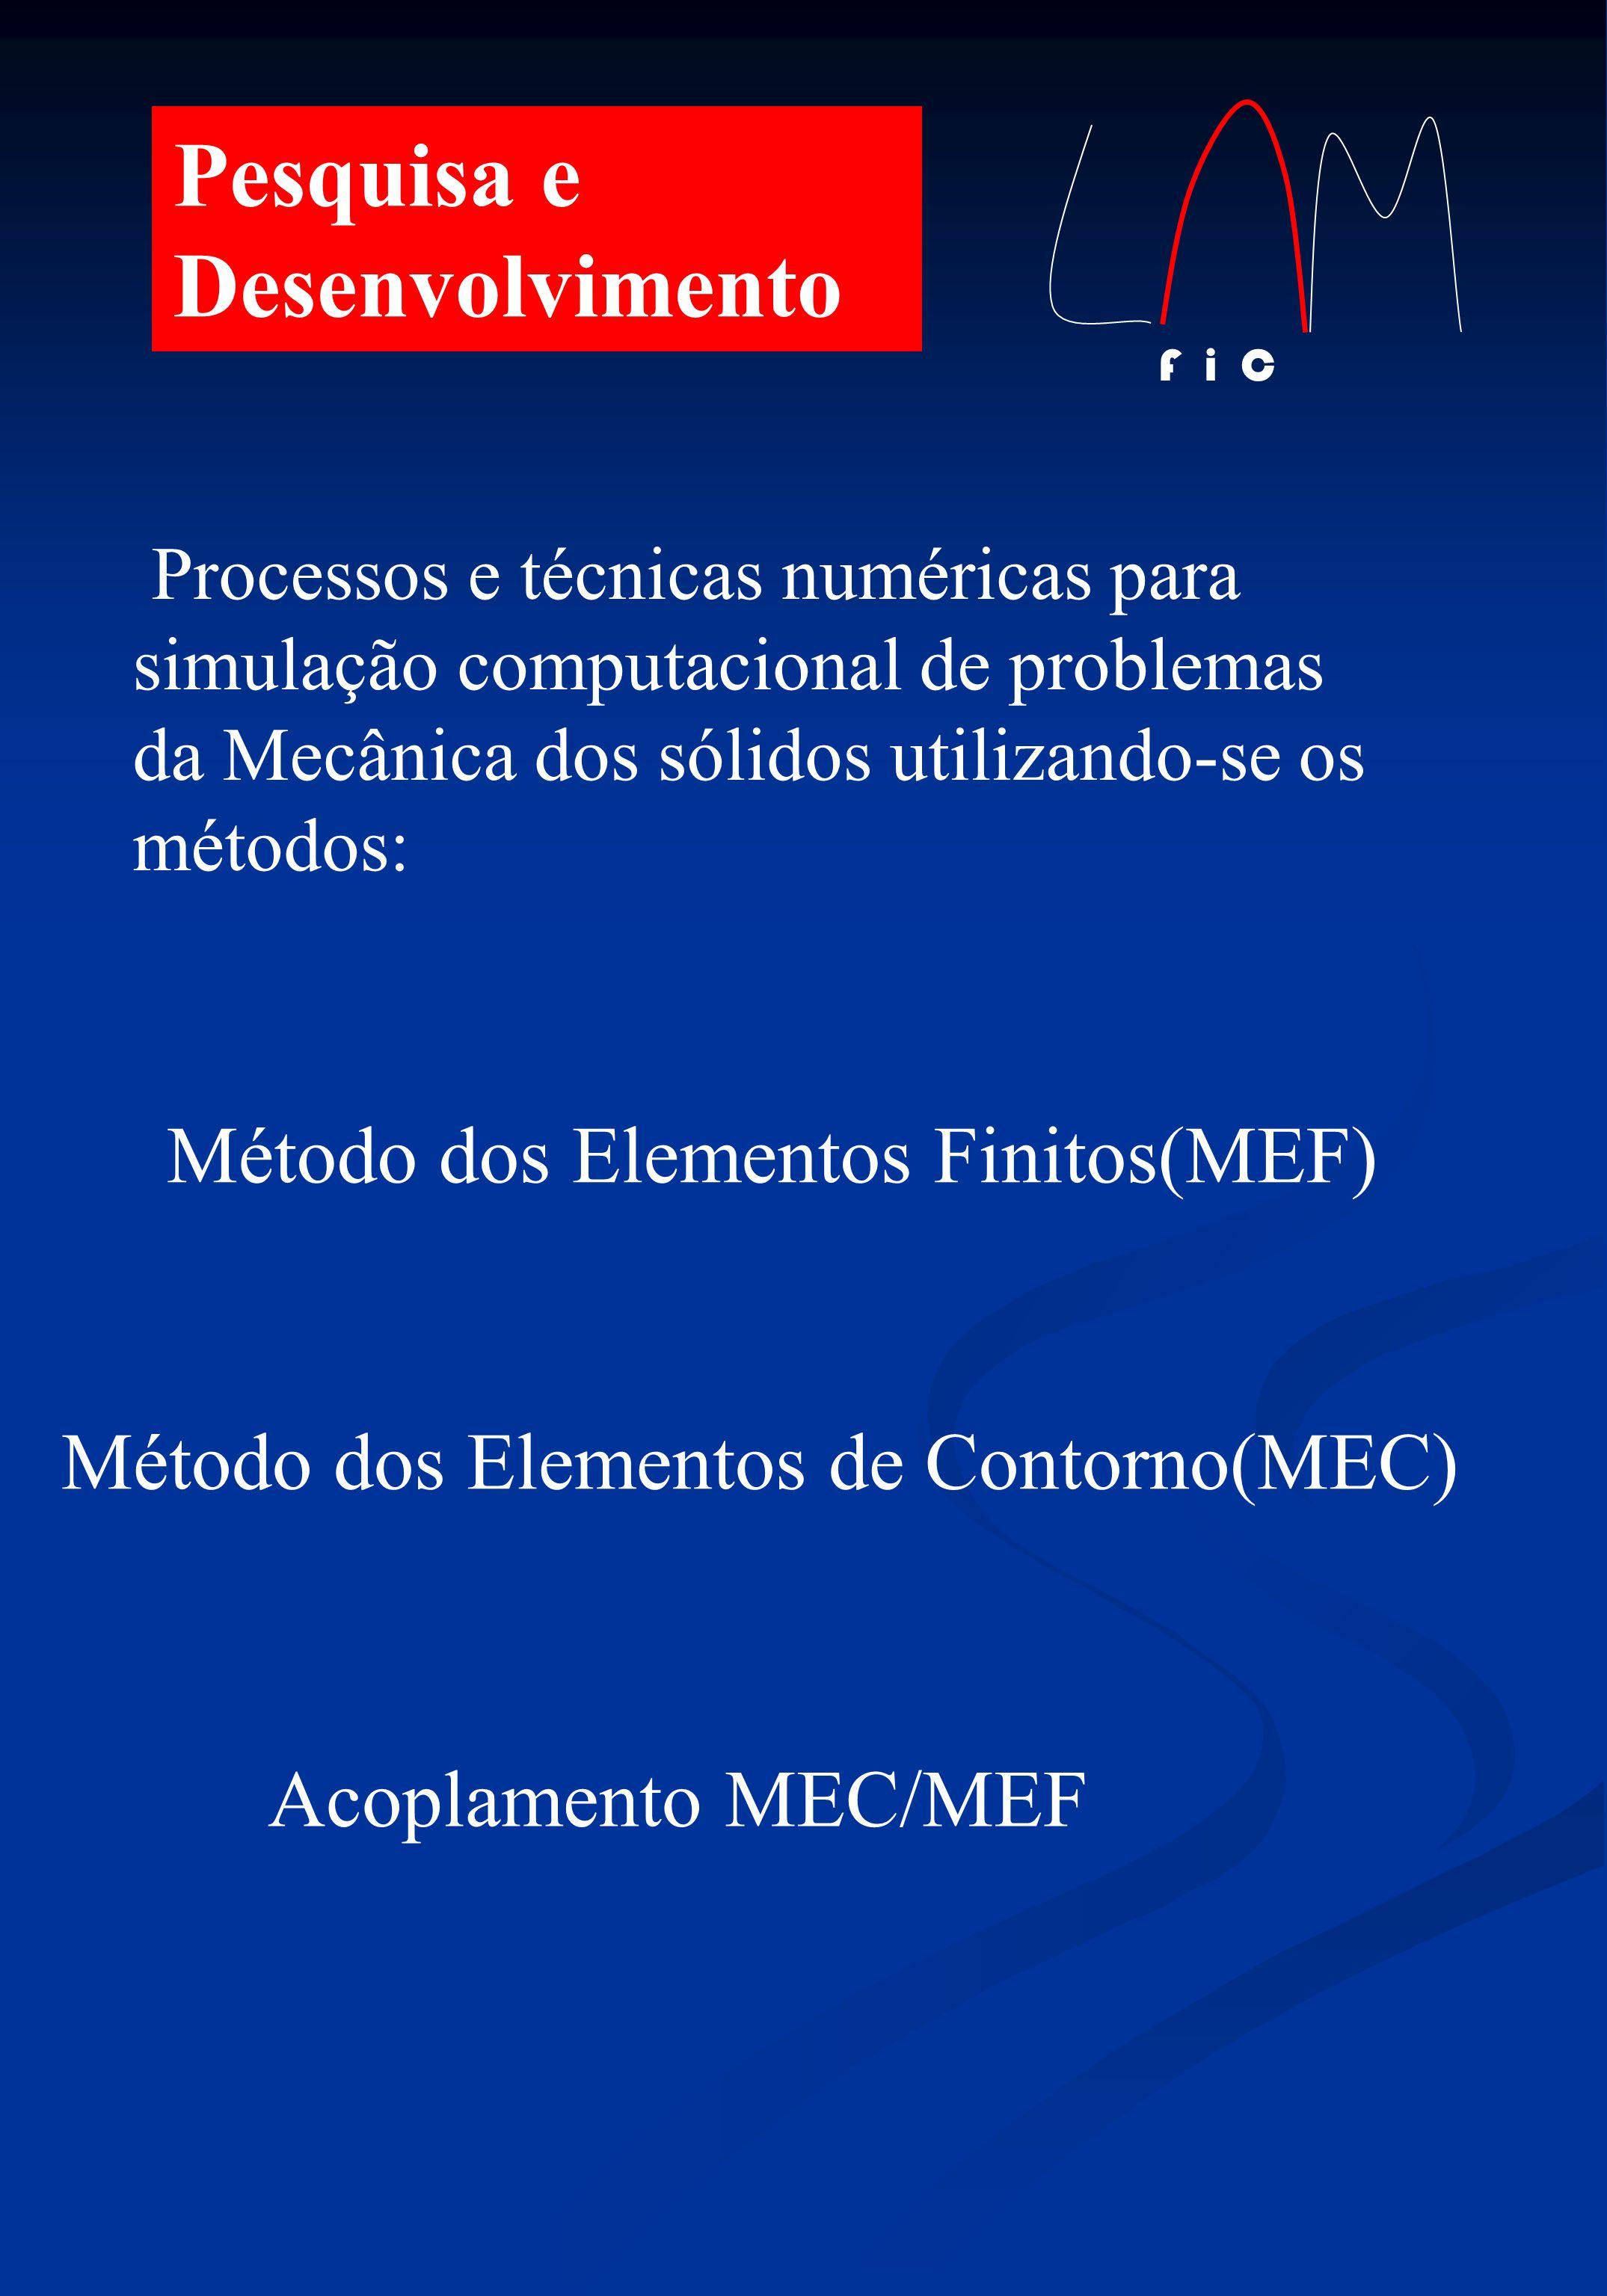 Pesquisa e Desenvolvimento Processos e técnicas numéricas para simulação computacional de problemas da Mecânica dos sólidos utilizando-se os métodos: Método dos Elementos Finitos(MEF) Método dos Elementos de Contorno(MEC) Acoplamento MEC/MEF F i C